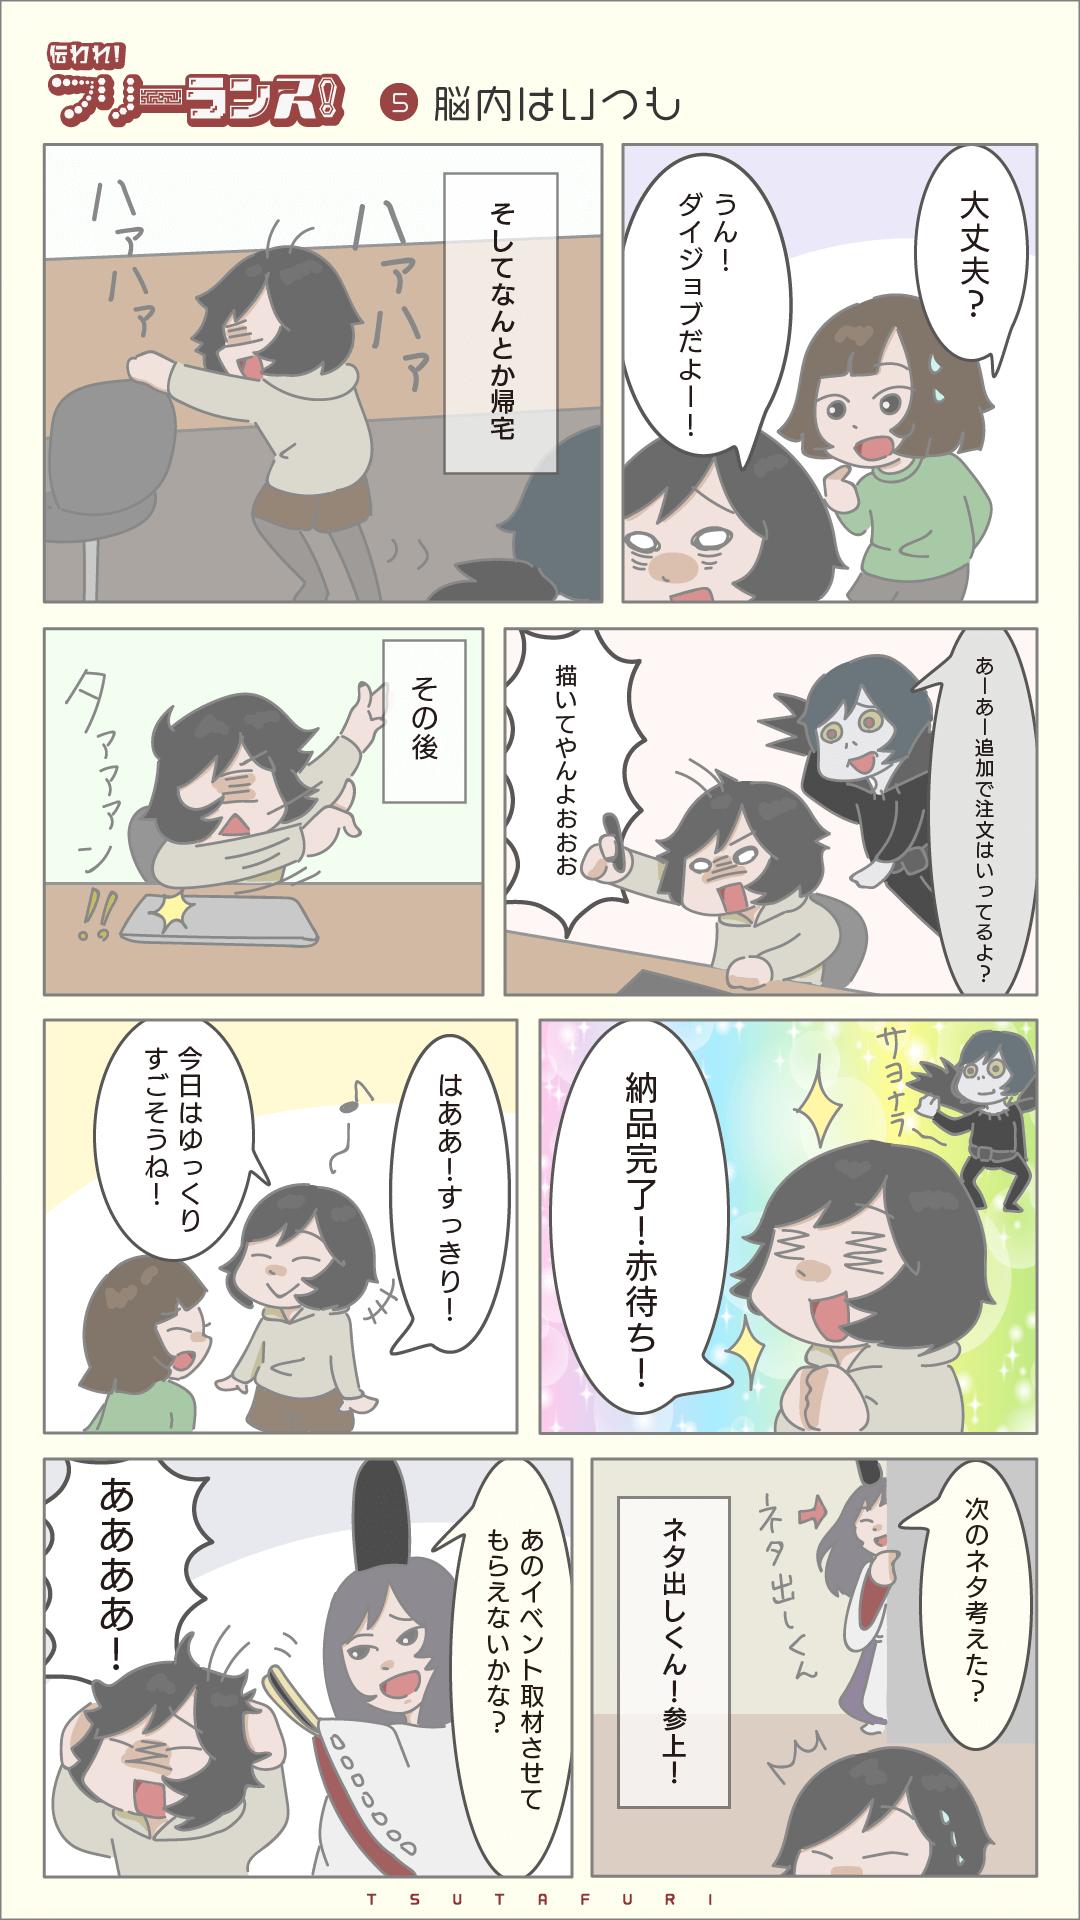 伝われ!フリーランス!05_02